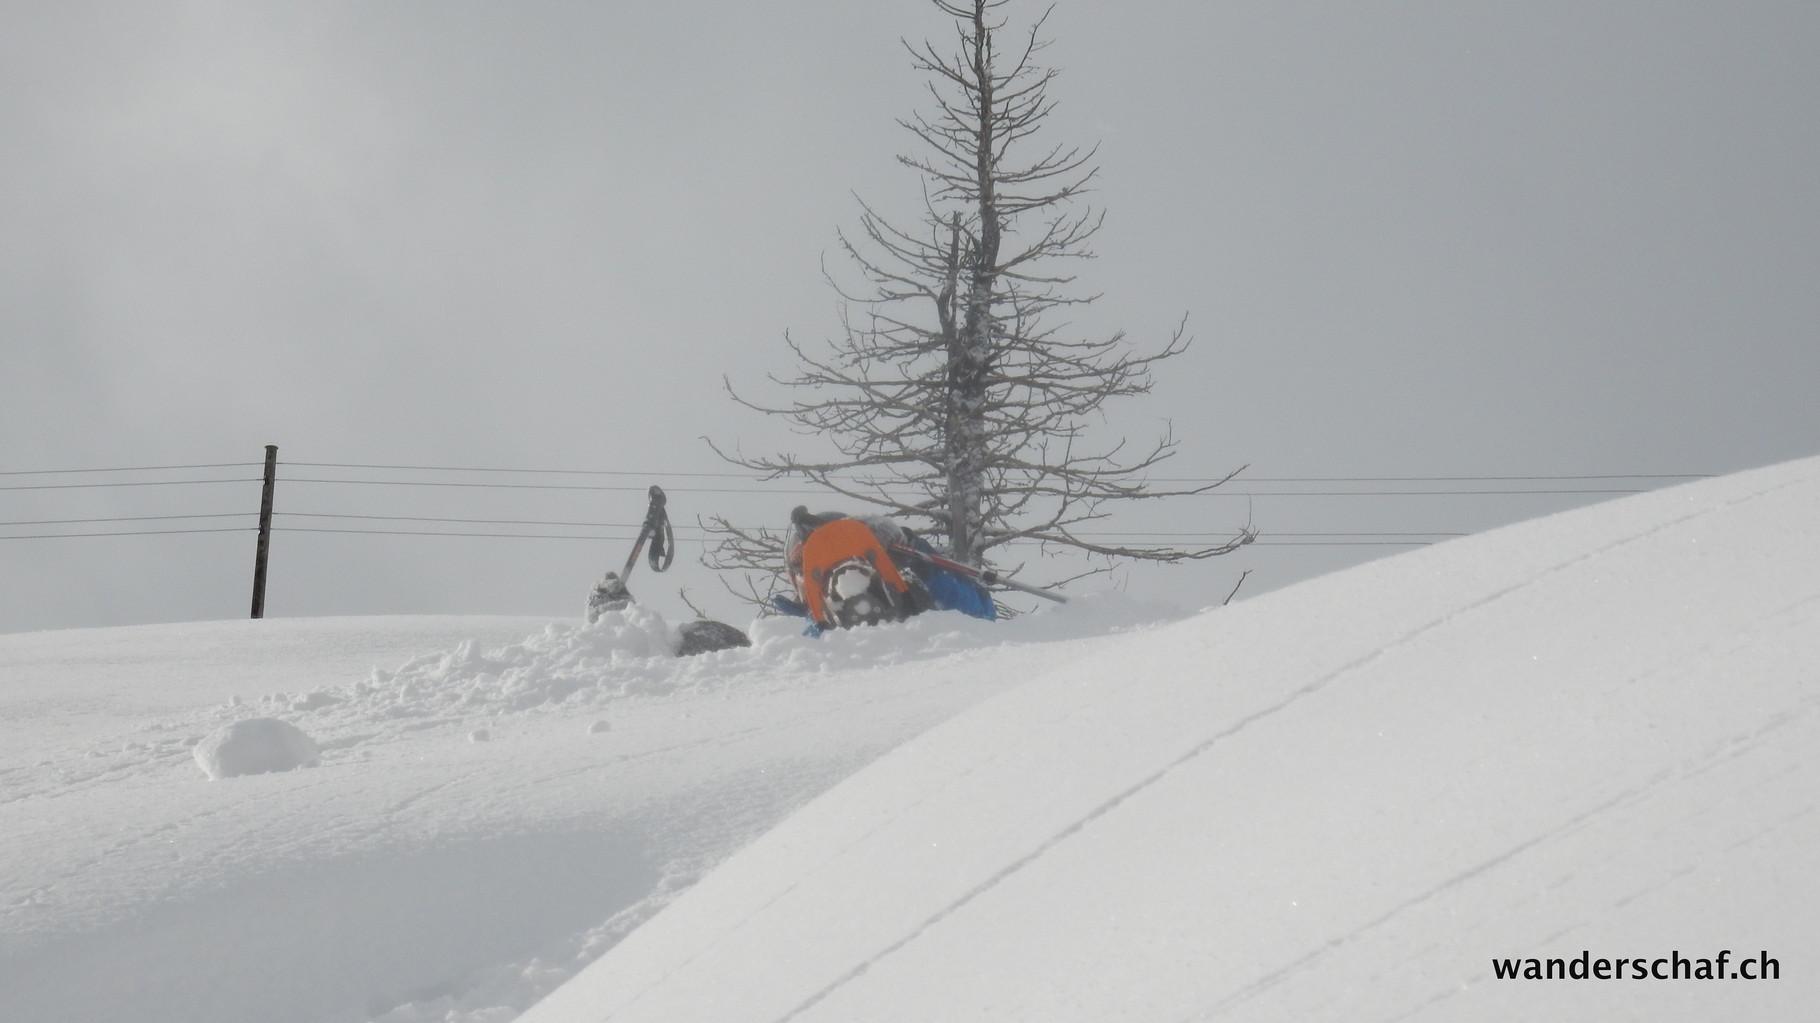 Es hat viel Schnee.....seeeehr vieeeeel Schnee!